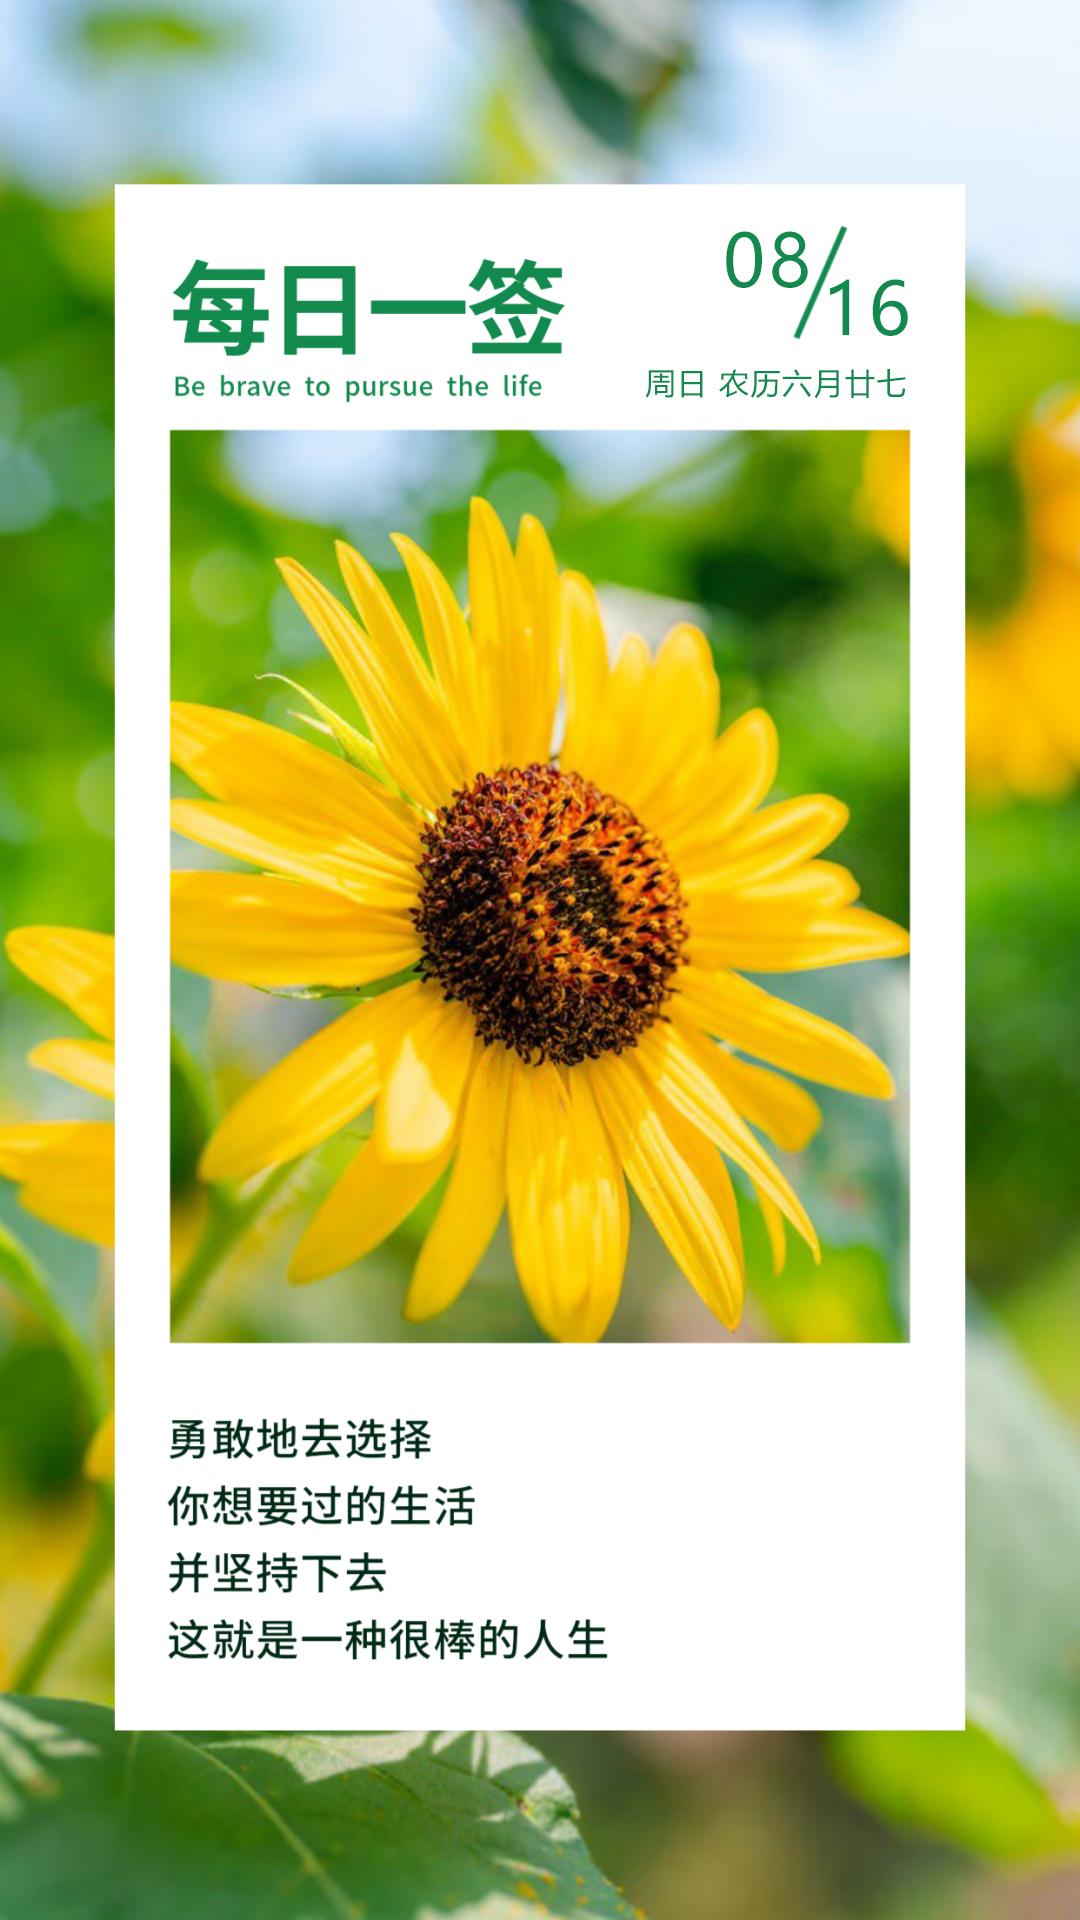 微信分享最励志奋斗早安语录图片:心有志气,生命才坚壮